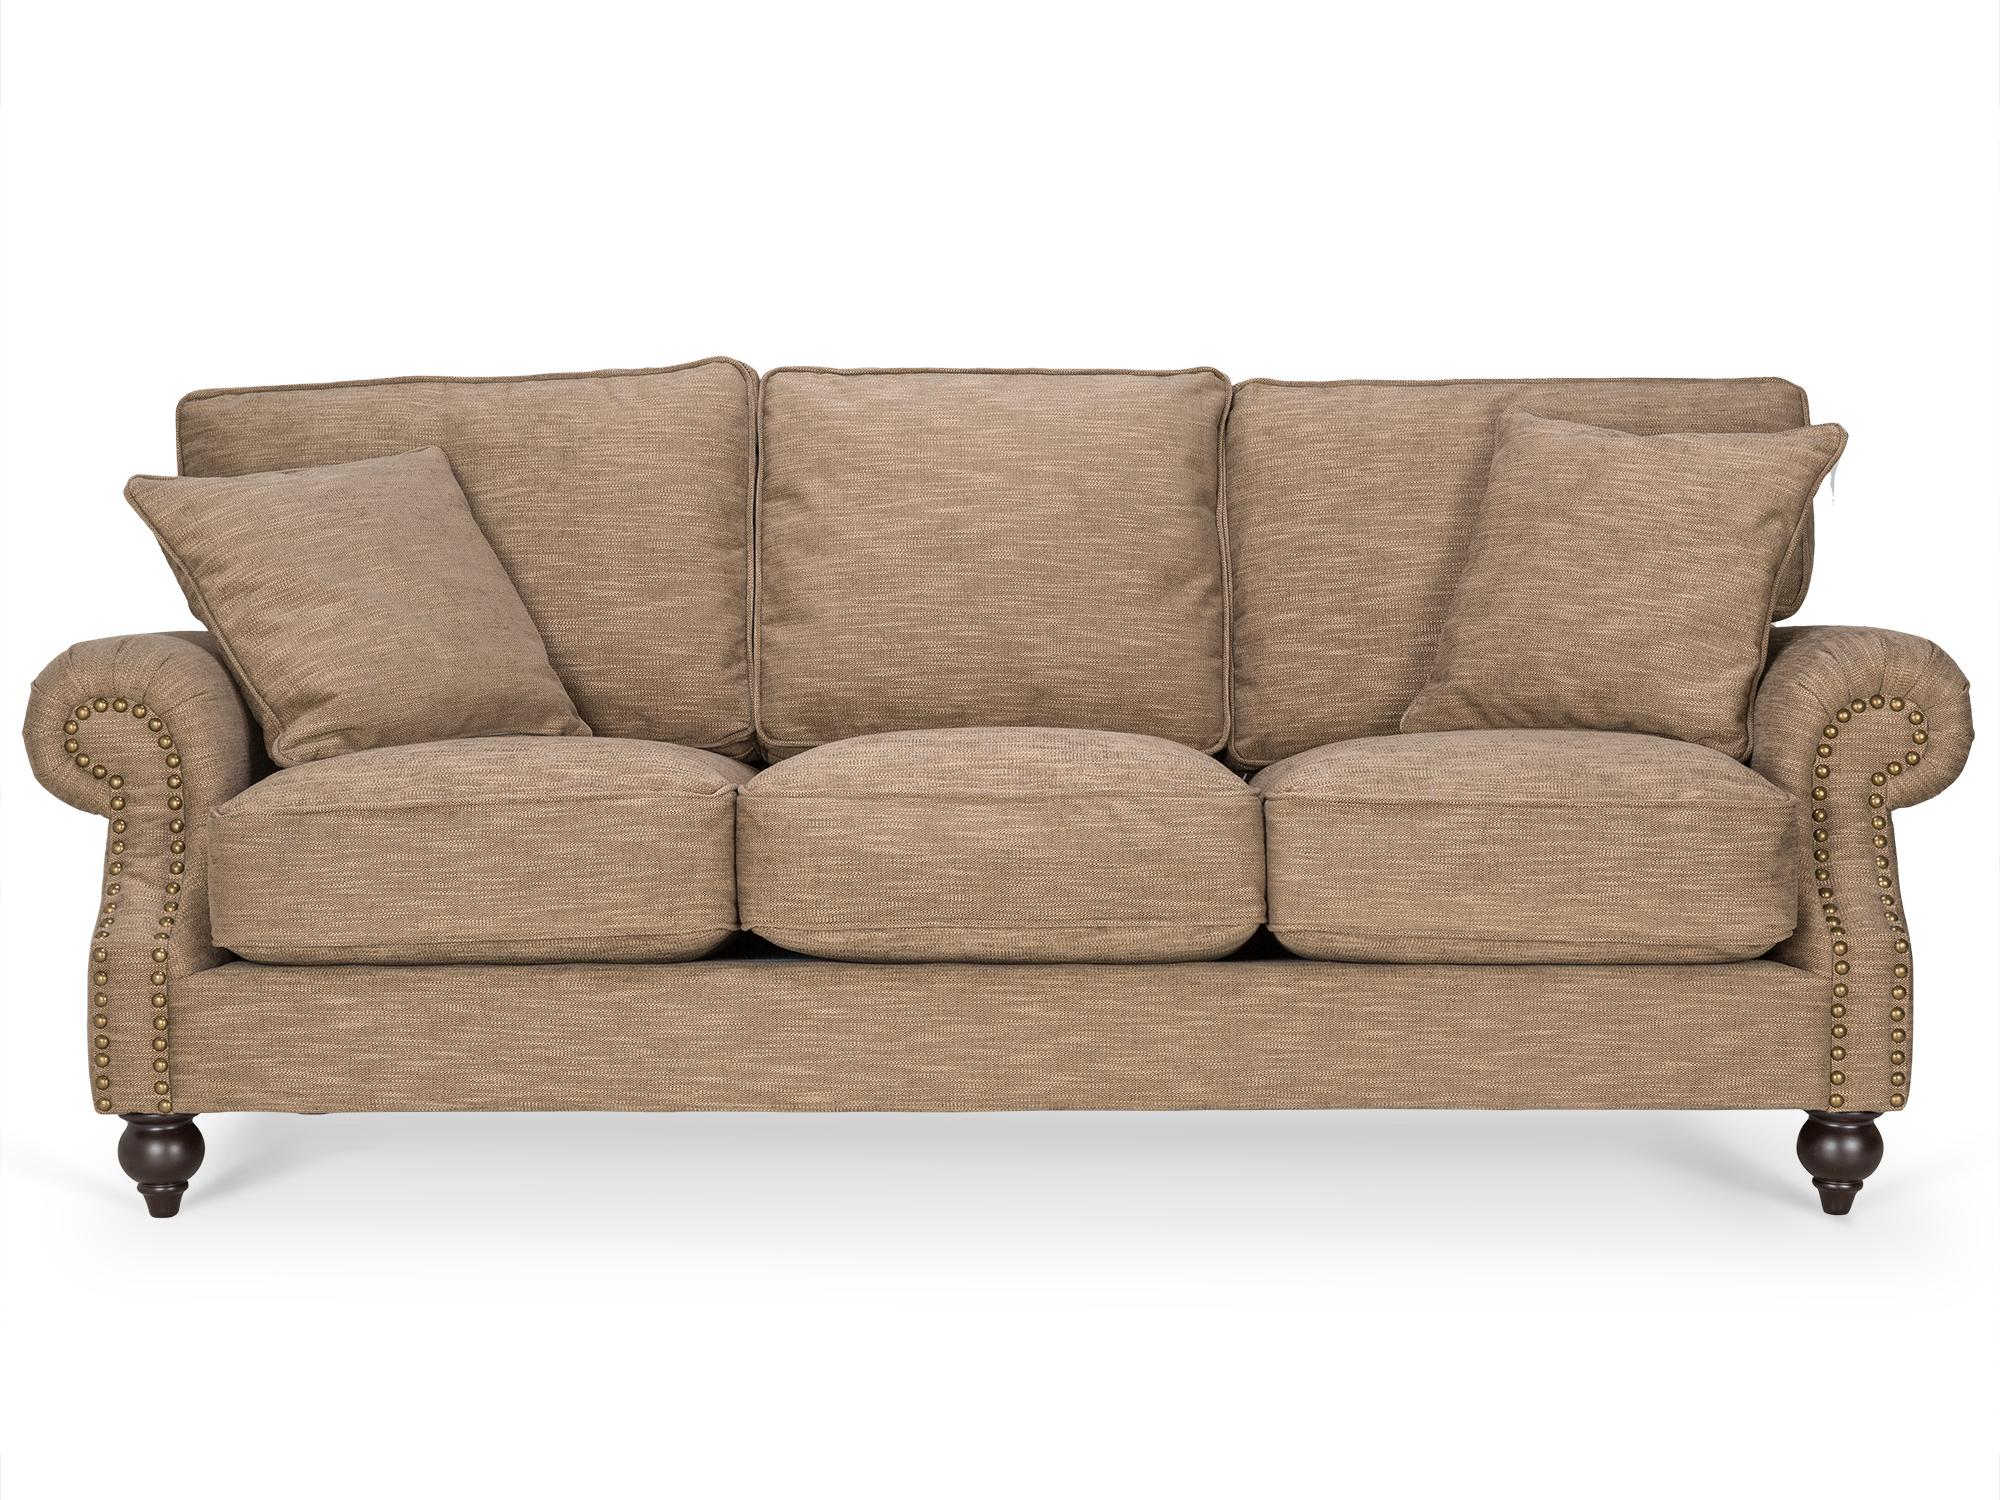 Диван AmeliaТрехместные диваны<br>Очаровательный диван Amelia на невысоких деревянных ножках в отделке «мокко» от производителя Kelly Lounge.&amp;nbsp;Модель декорирована гвоздиками с широкой шляпкой.&amp;nbsp;Модель комплектуется подушками.&amp;nbsp;Диван нераскладной.&amp;nbsp;Изделие поставляется в cобранном виде.<br><br>kit: None<br>gender: None